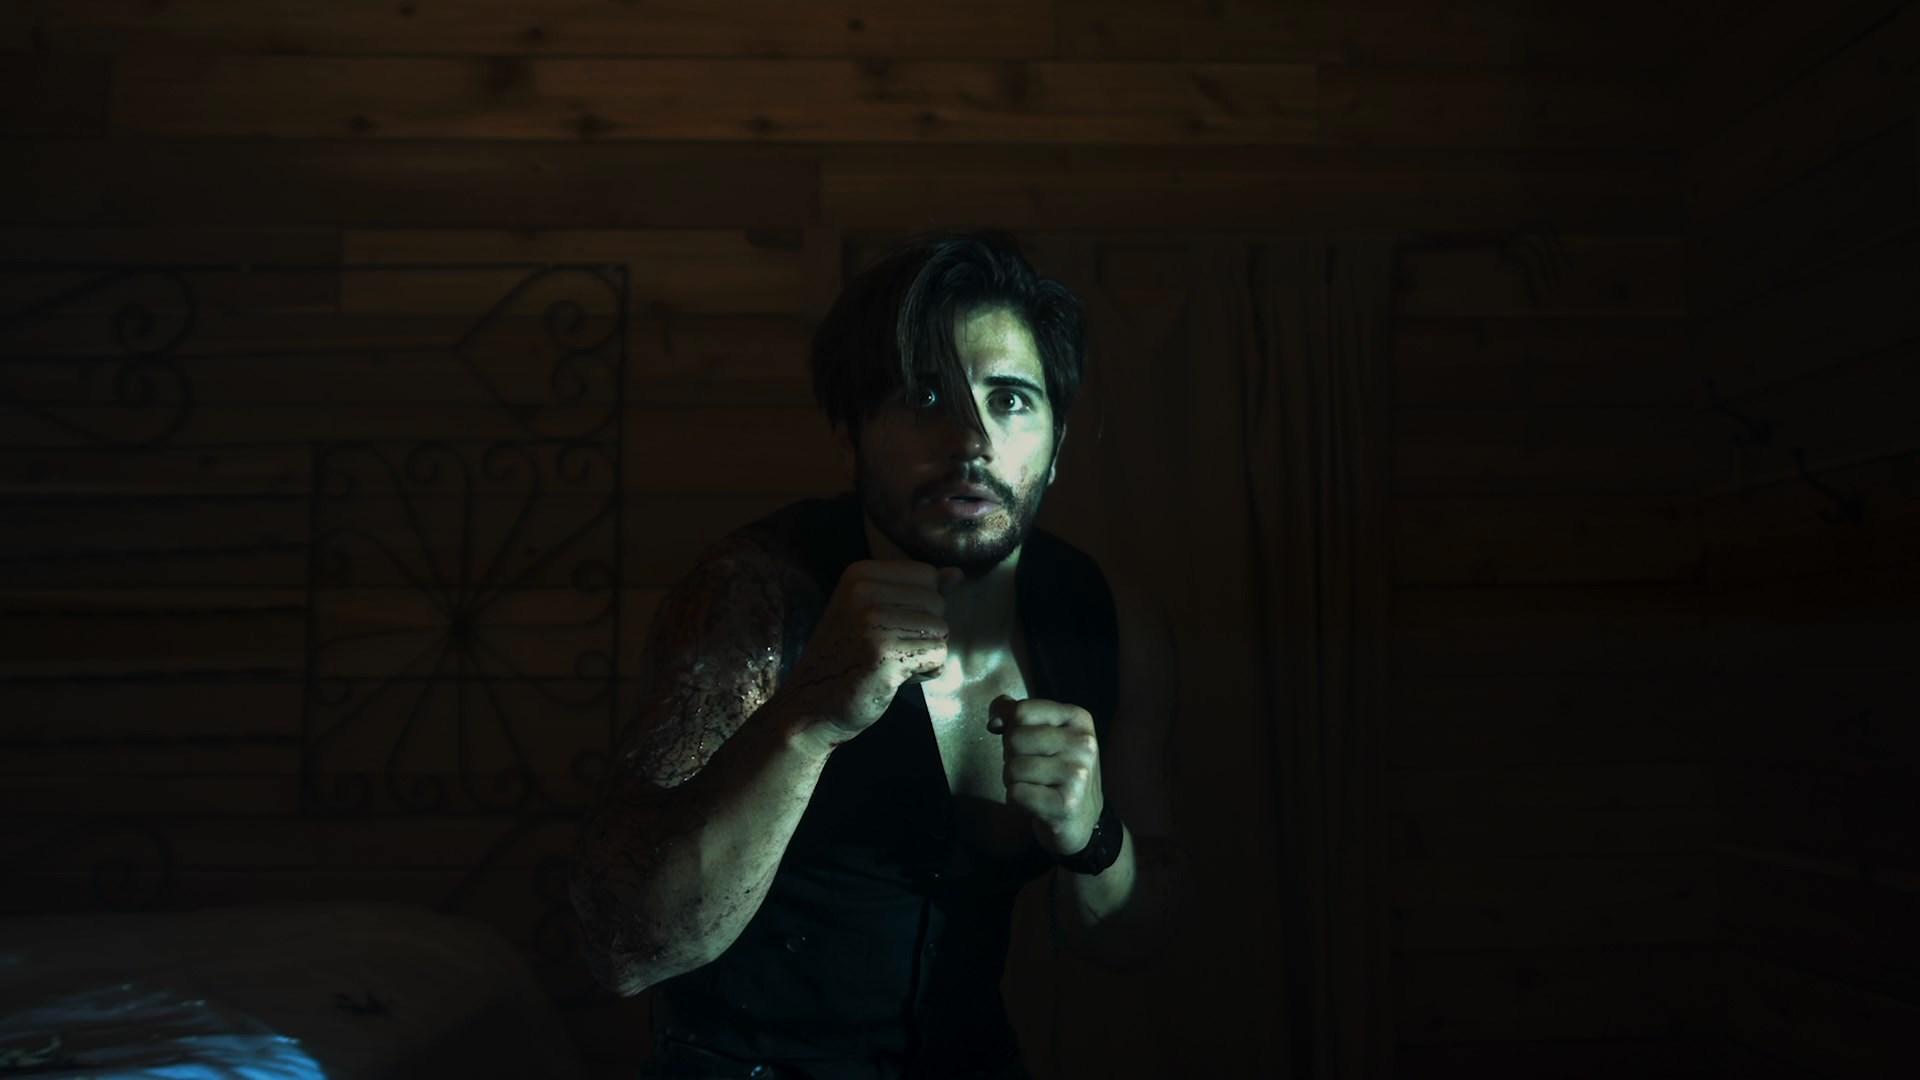 La cabaña del mal 3 (2018) 1080p WEB-DL AMZN